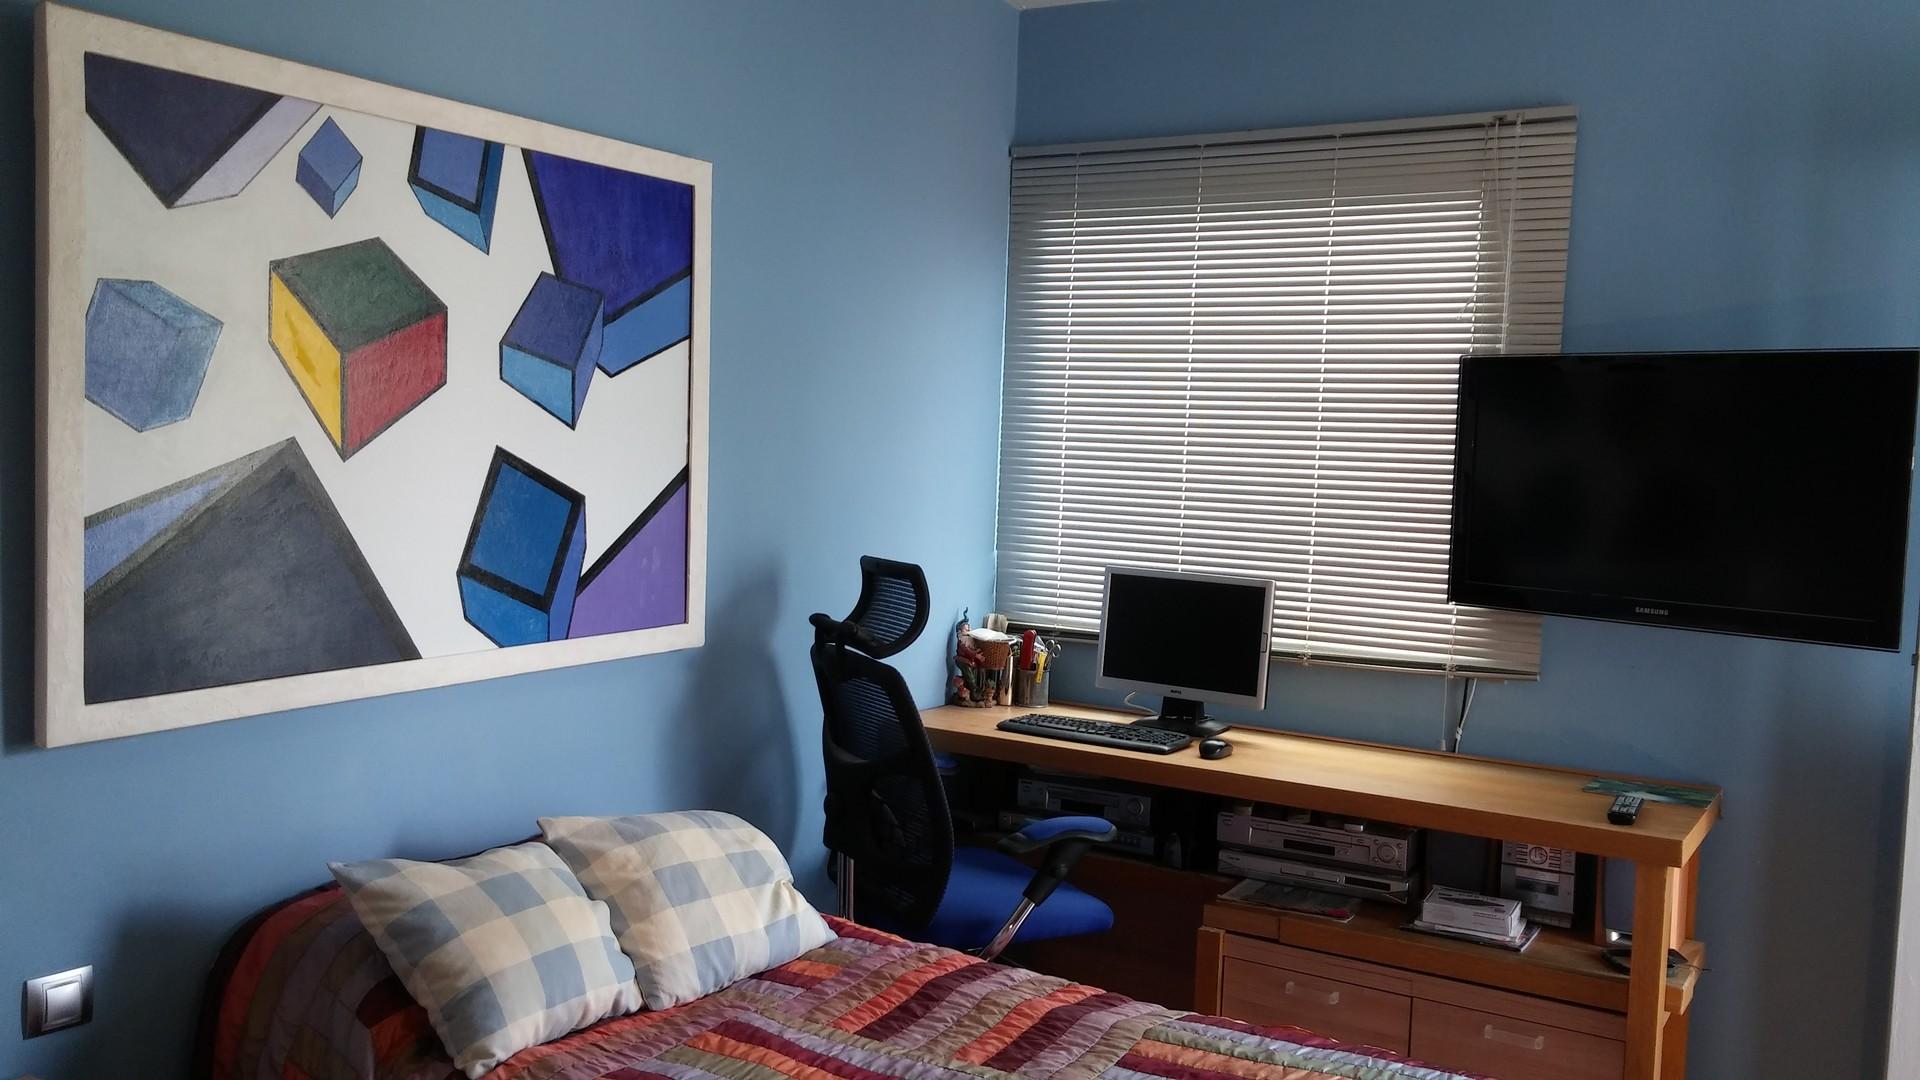 Alquilo 2 habitaciones en piso compartido alquiler for Alquiler de habitacion en piso compartido